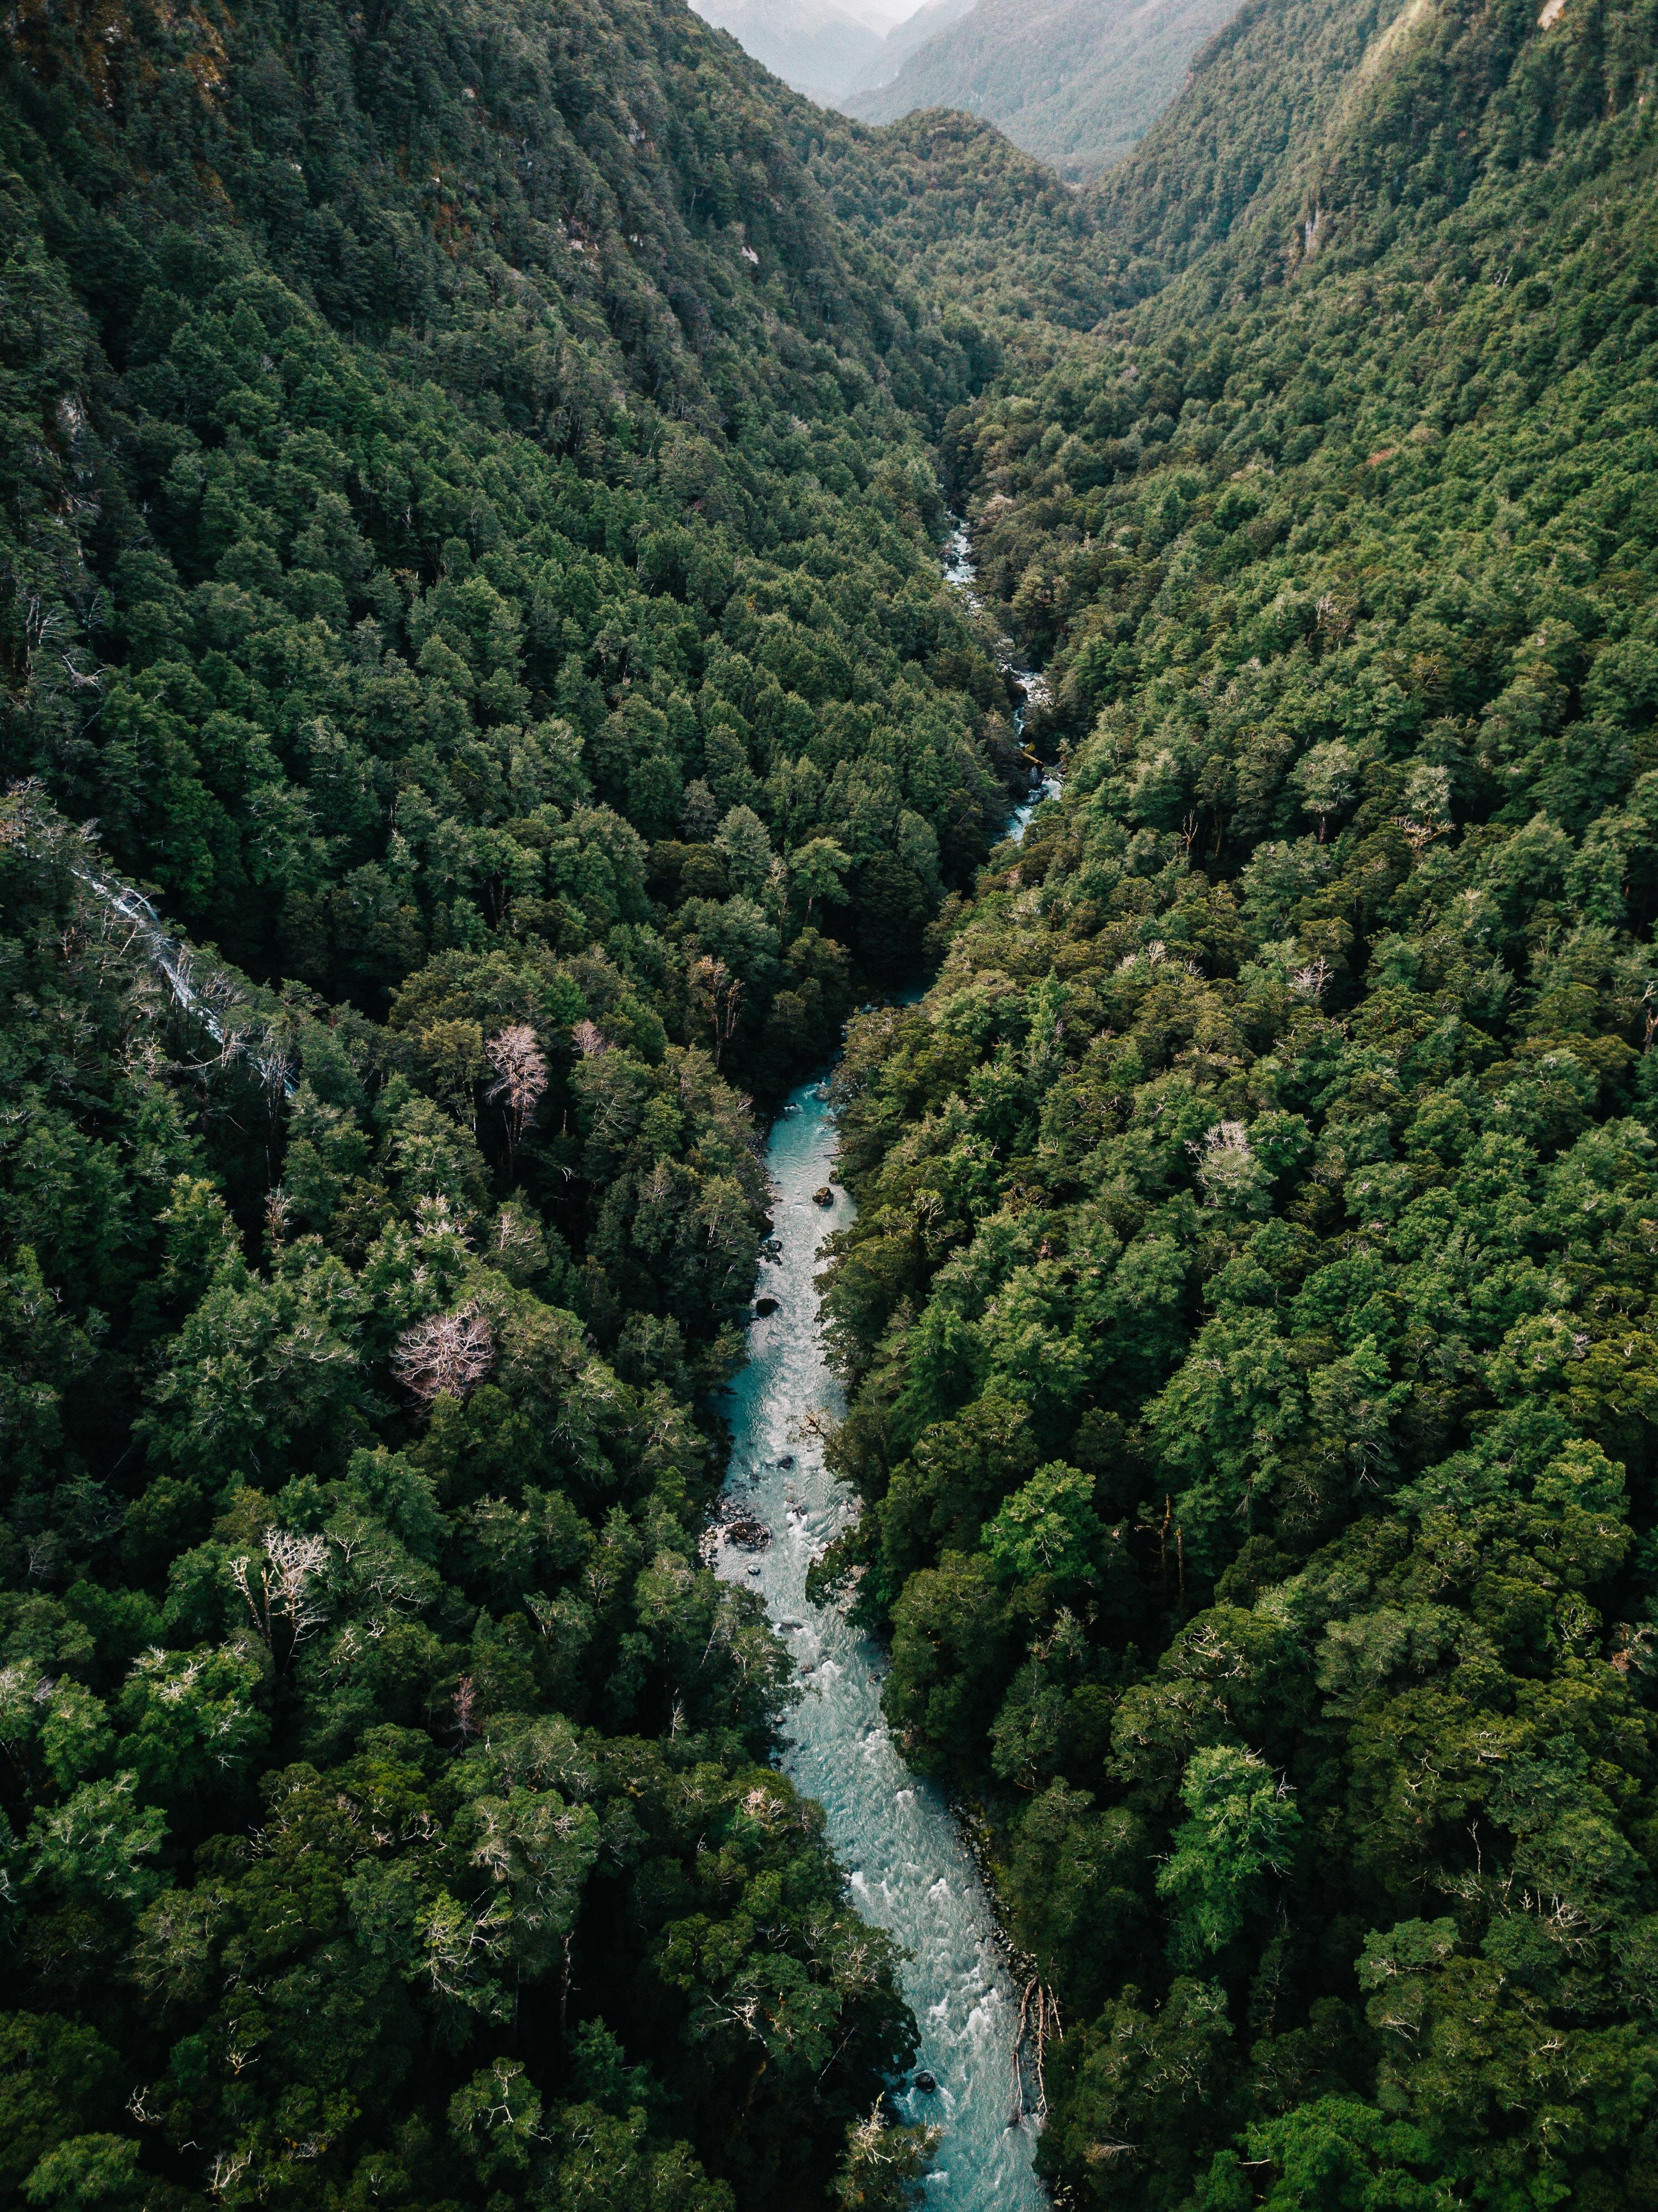 Regnskoven - også din skov